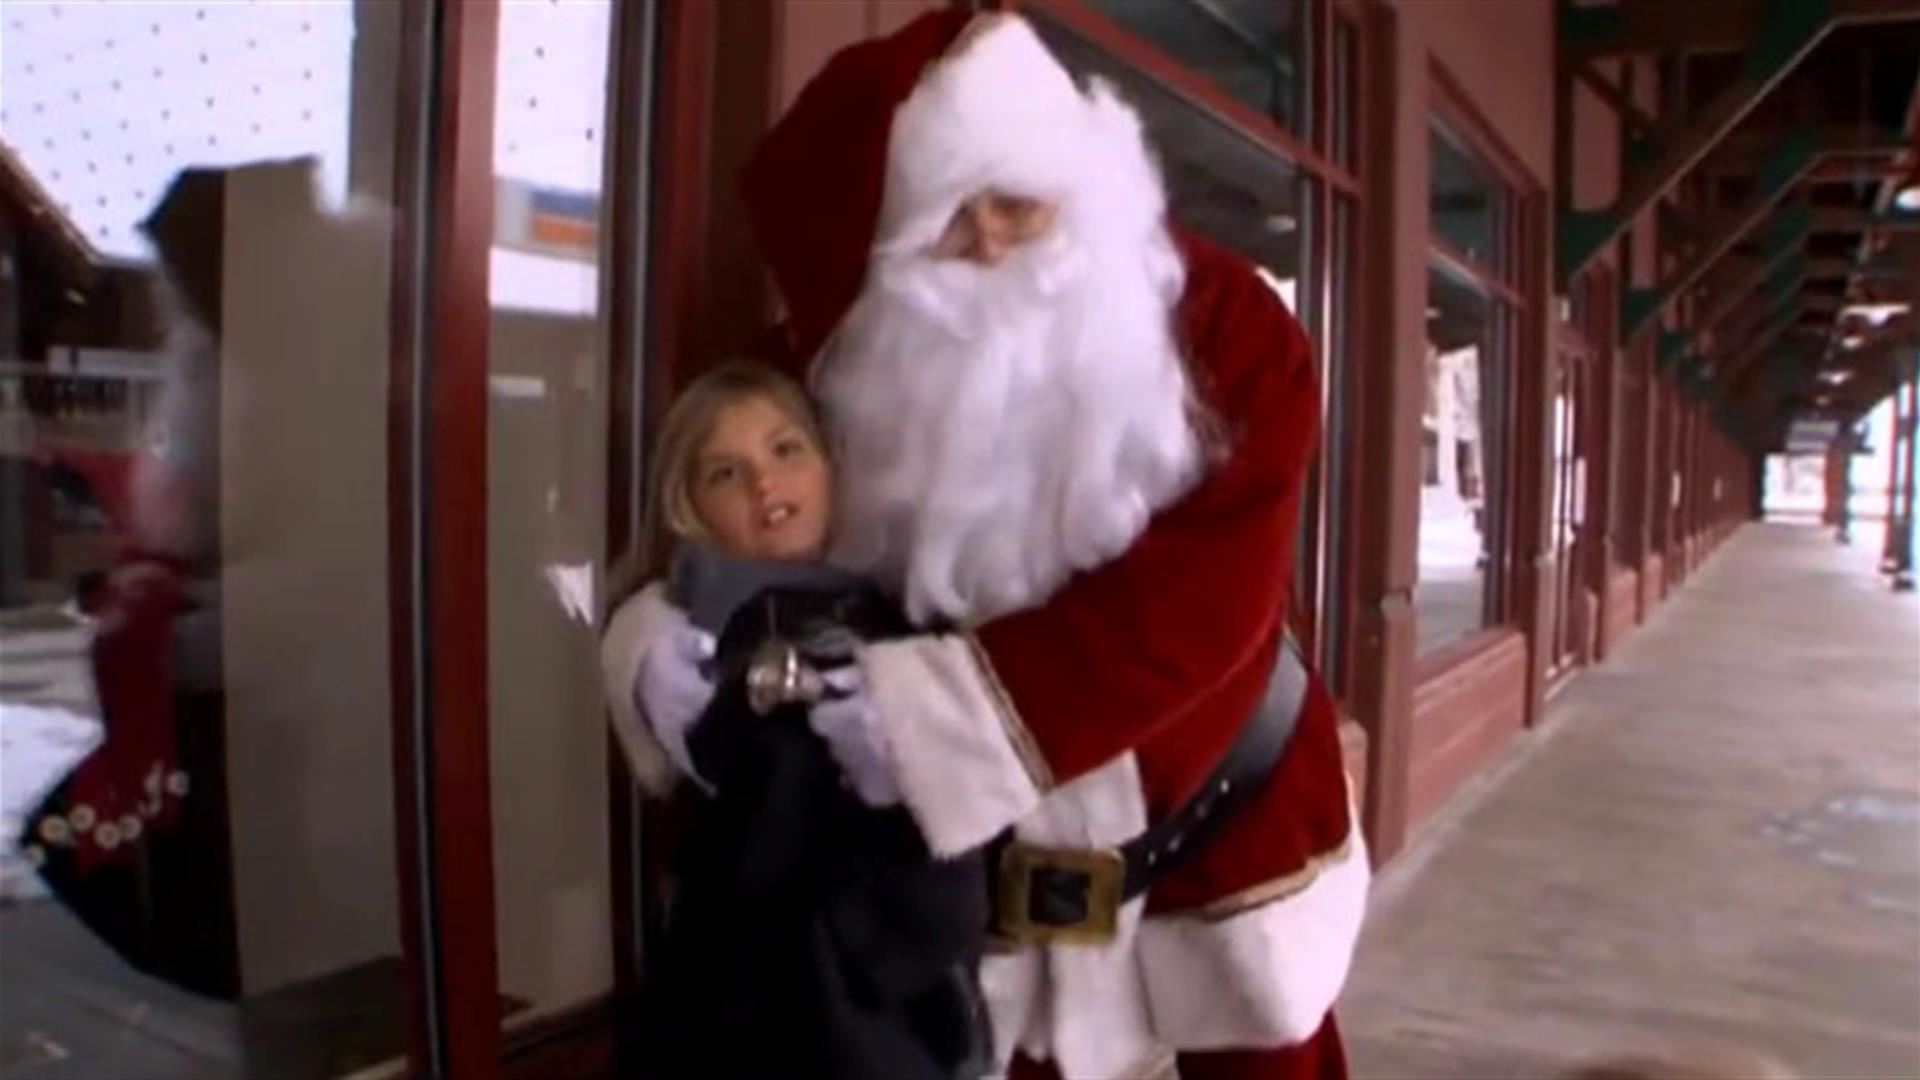 The Hunt for Santa